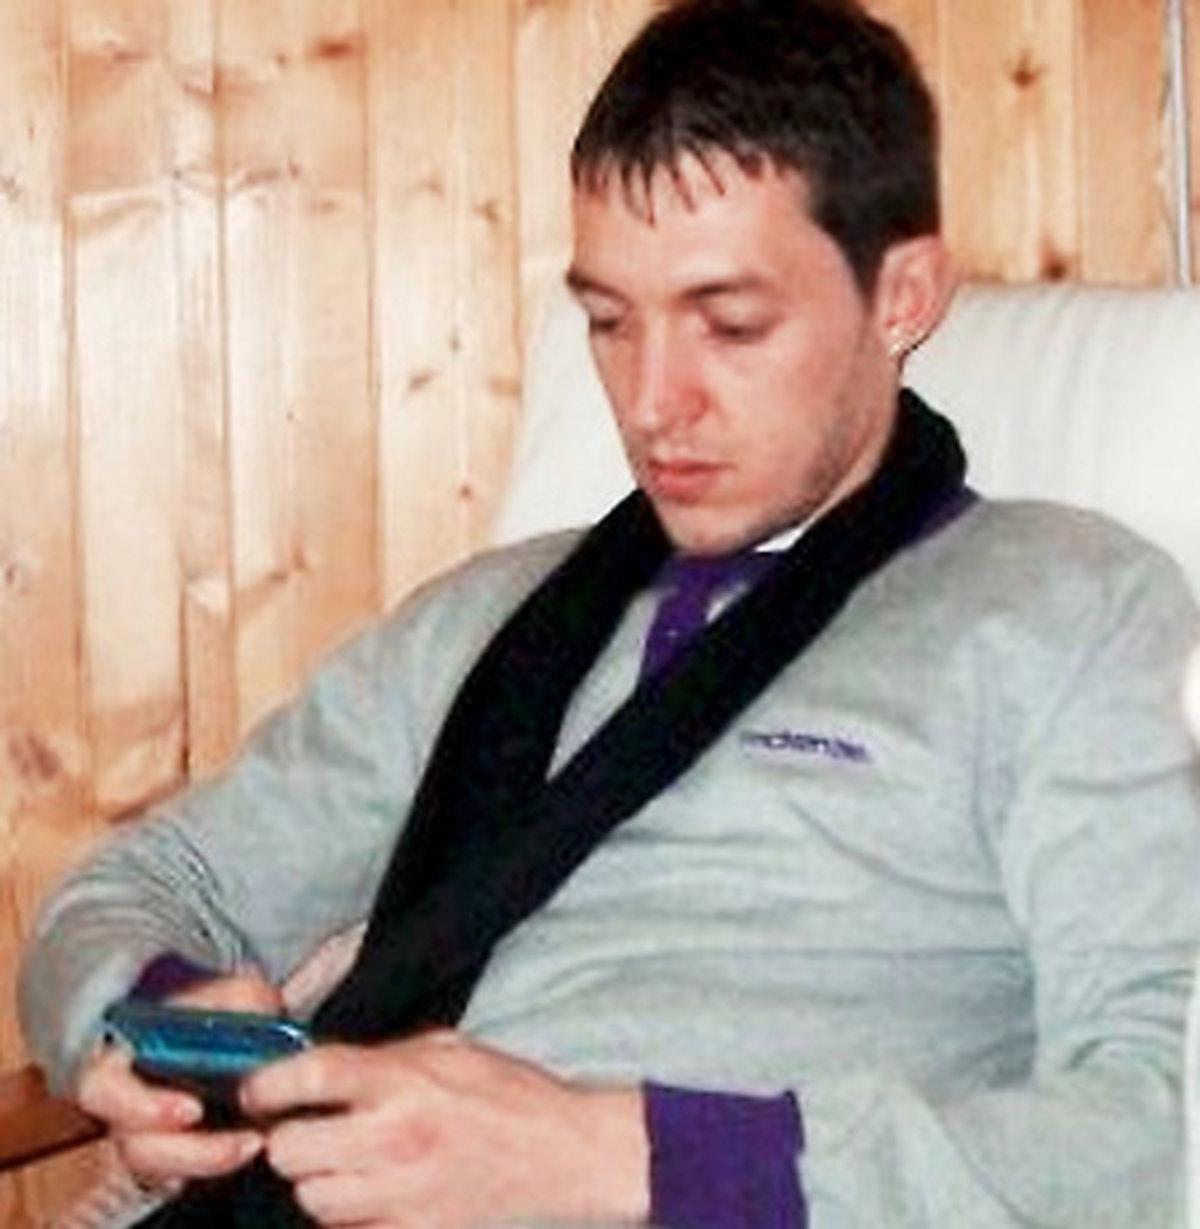 Ο ληστής ξέχασε το κινητό του με… τις προσωπικές του φωτογραφίες! | Newsit.gr